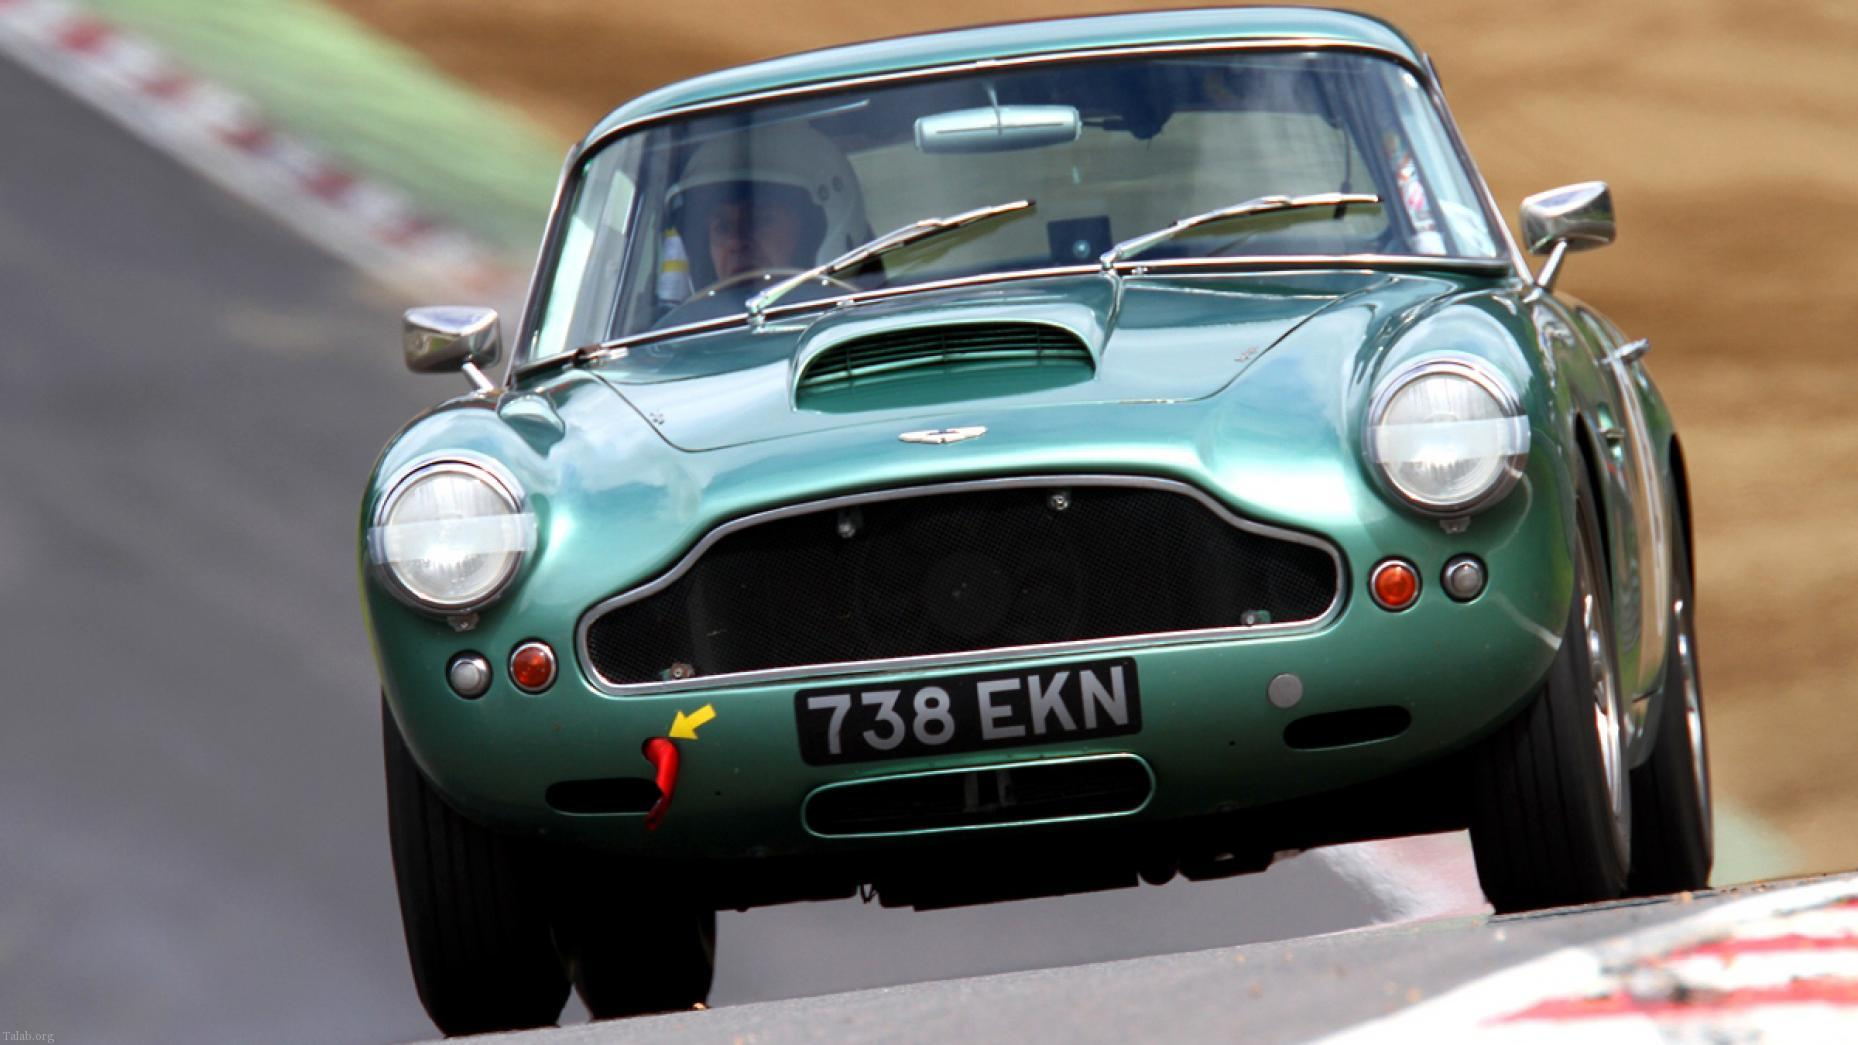 جذاب ترین خودروهای کلاسیک و قدیمی در تاریخ